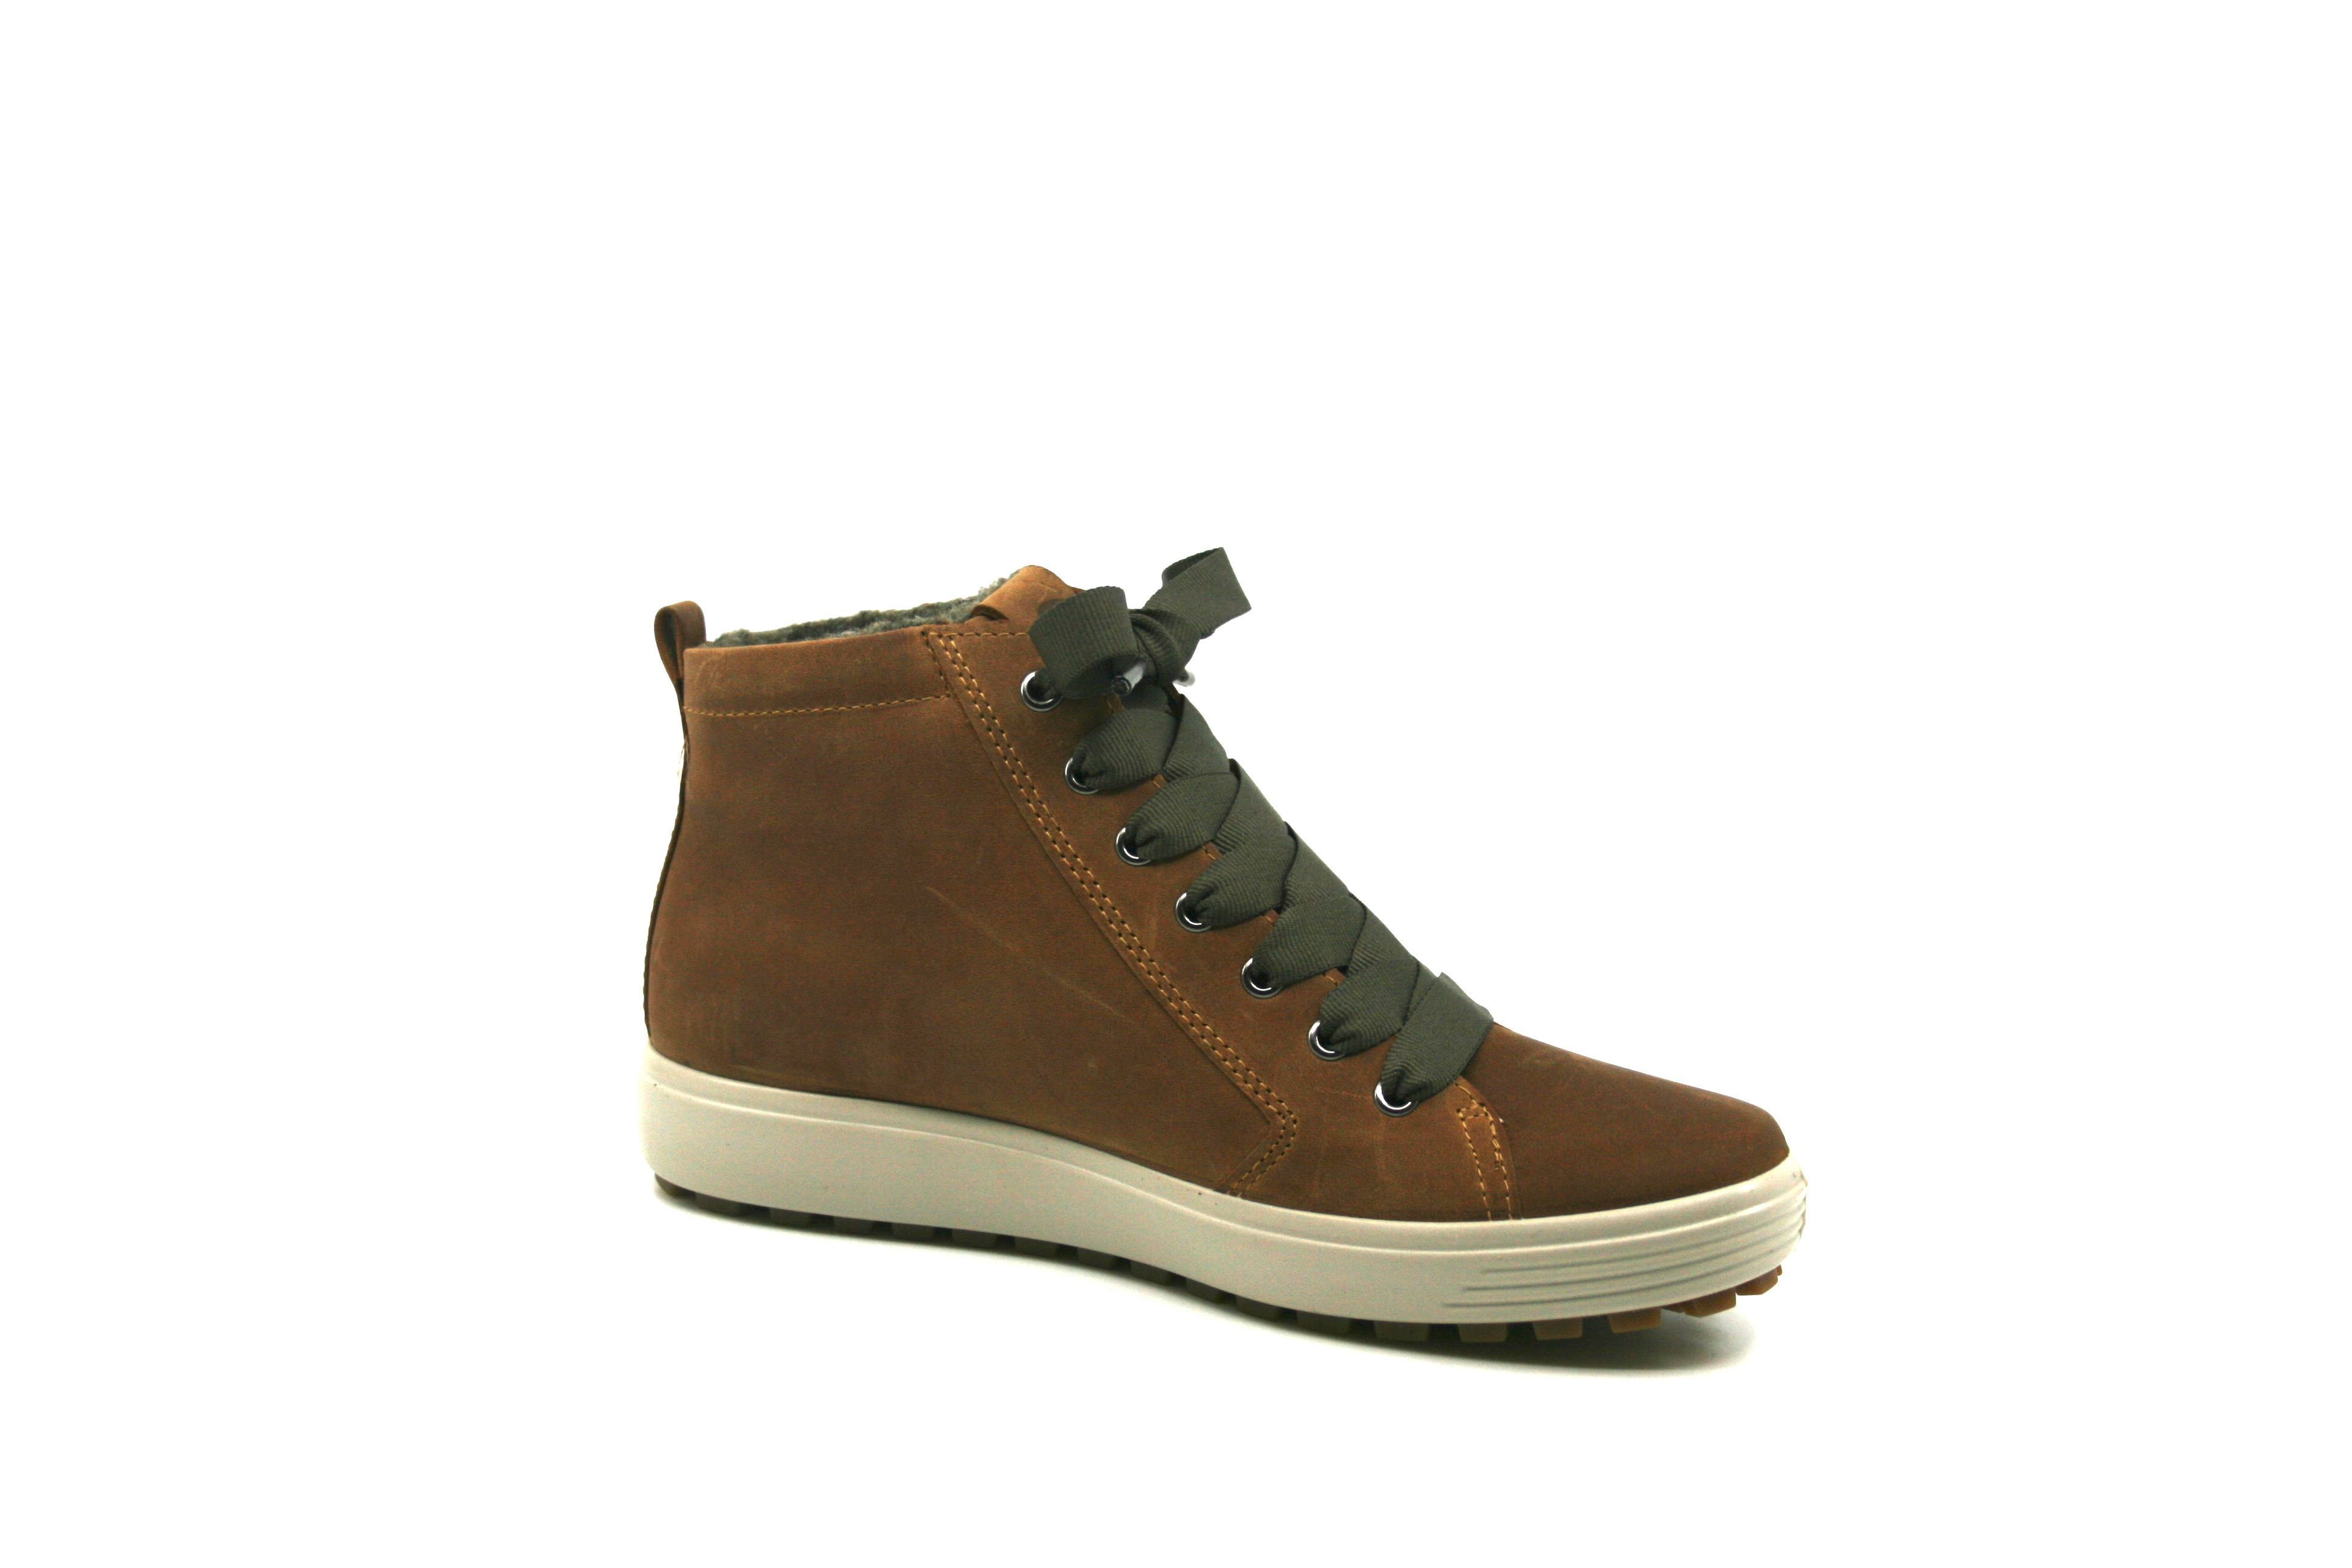 51726875f13 Damkjaer Sko Online Shop - Smart Ecco støvle med varmt foer